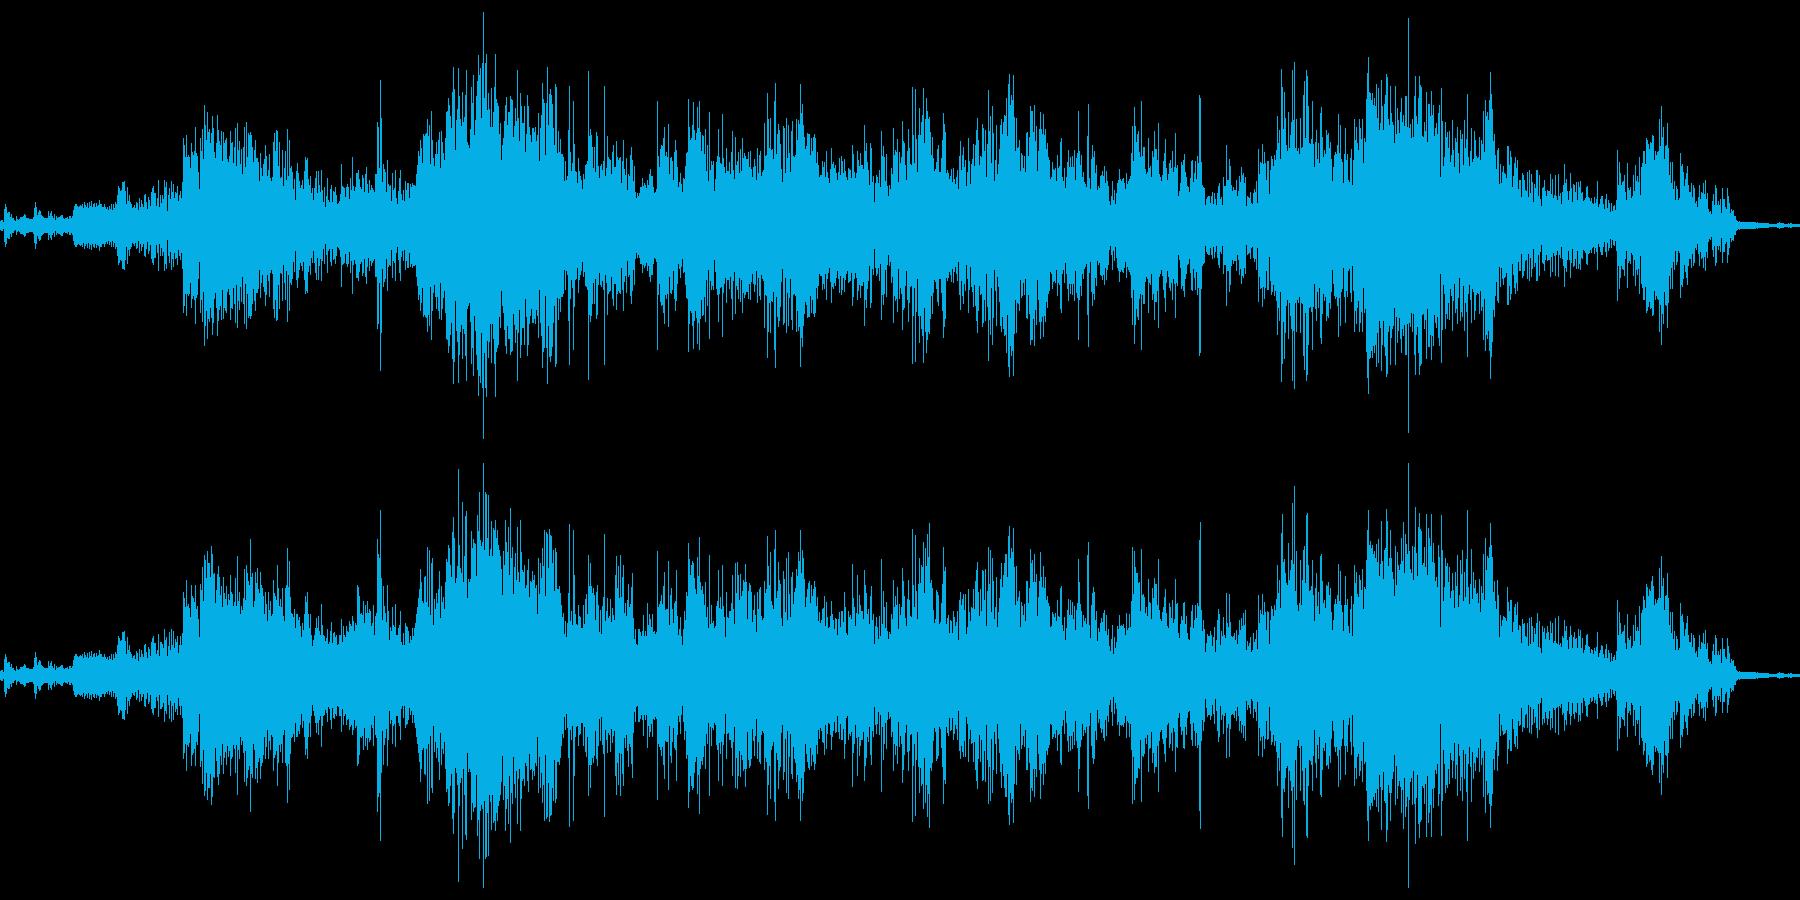 鎖鎌の鎖がジャリッの再生済みの波形